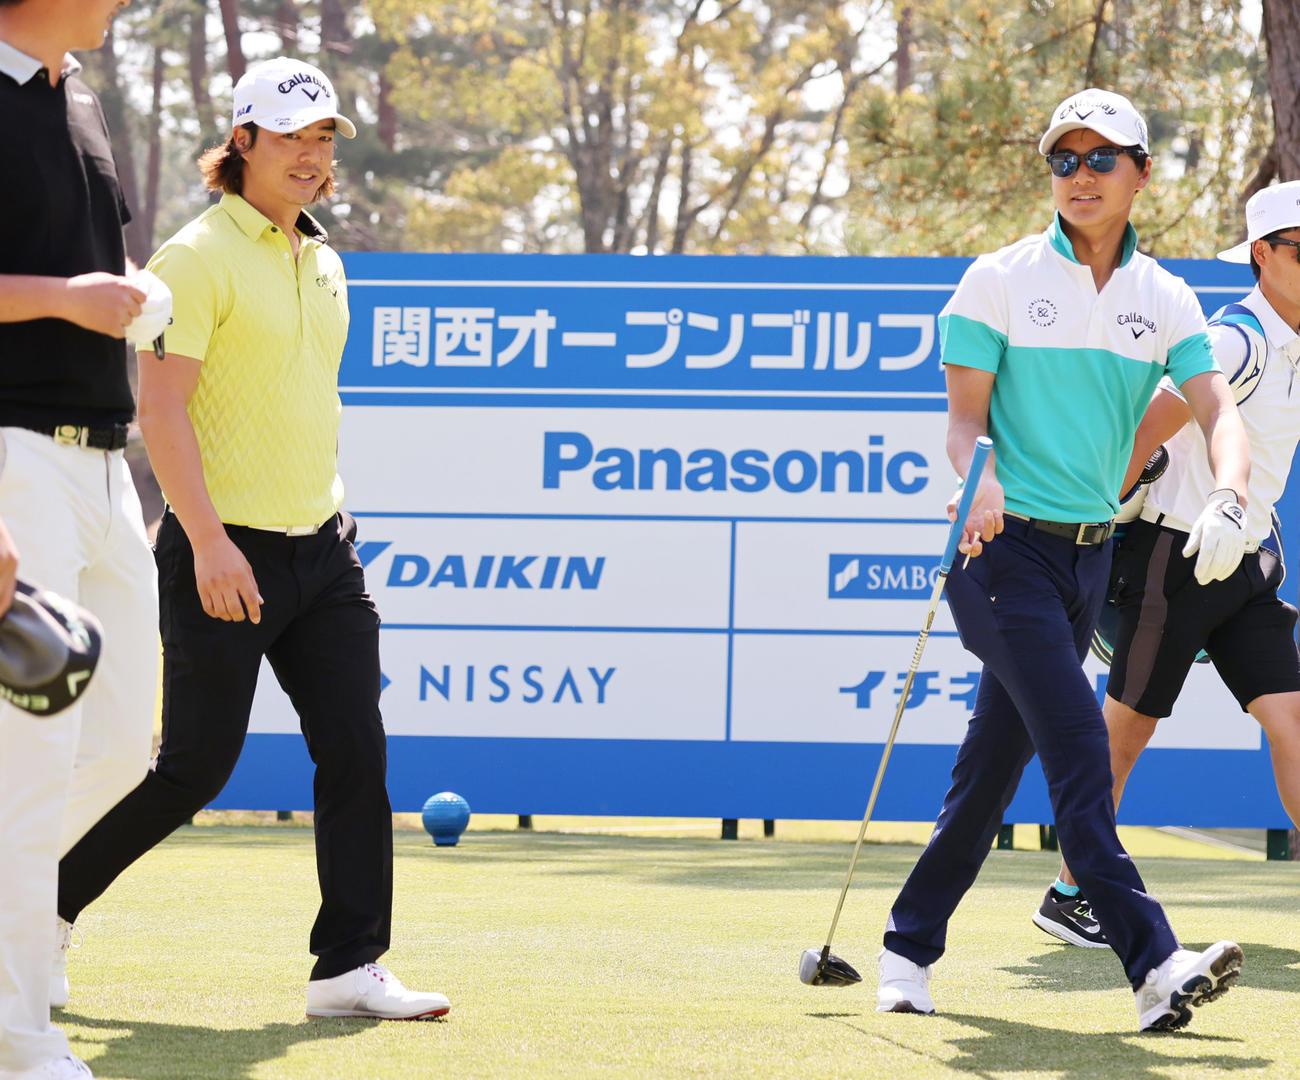 関西オープンゴルフ選手権 練習ラウンドを一緒にまわる石川遼(左)と弟の航(撮影・清水貴仁)